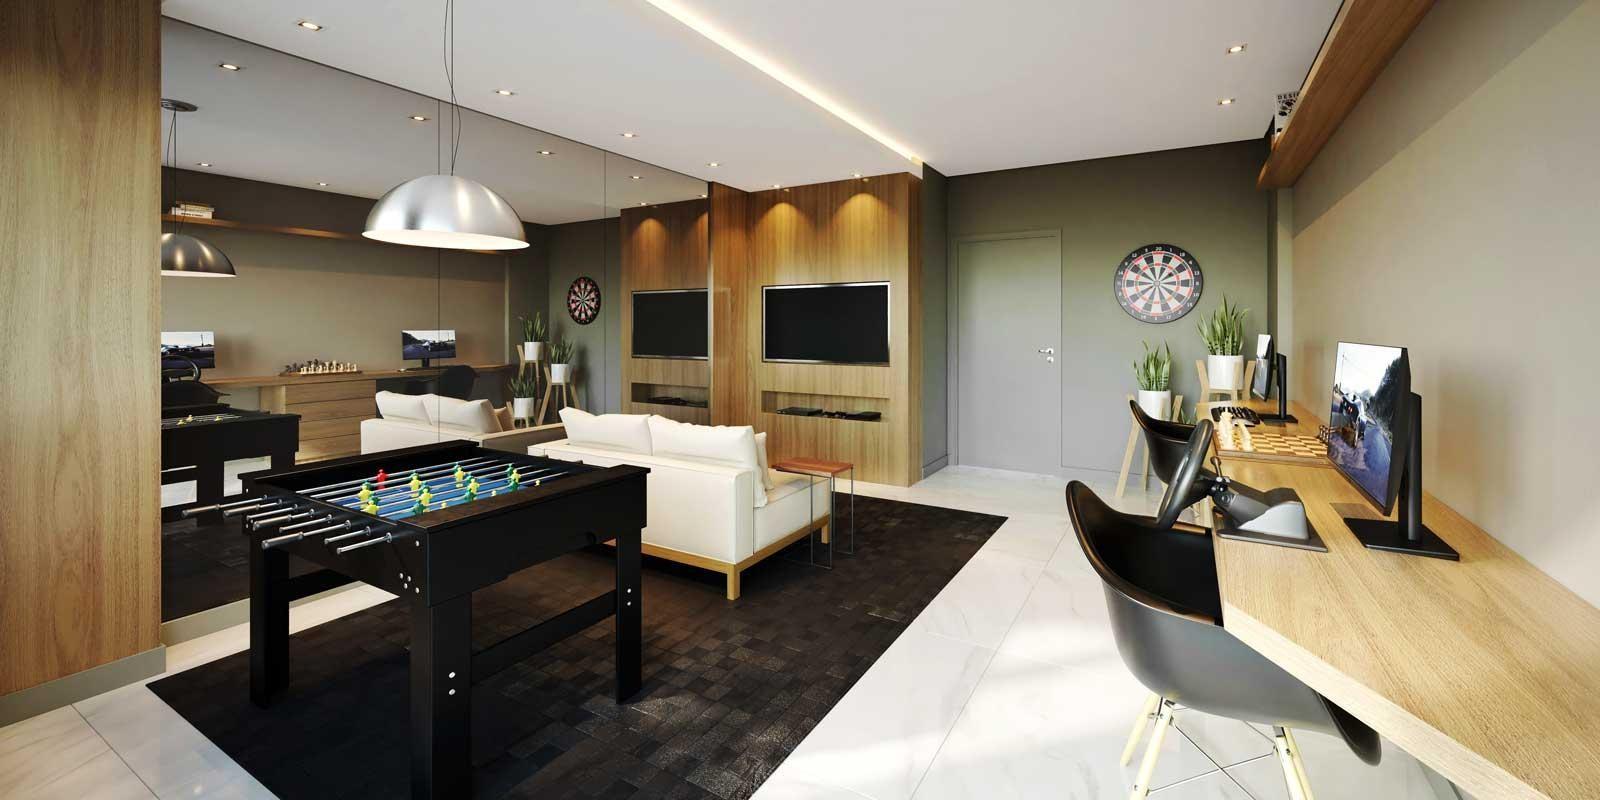 TPS Imóveis - Veja Foto 8 de 32 do Apartamentos de 2 e 3 dormitórios com suíte